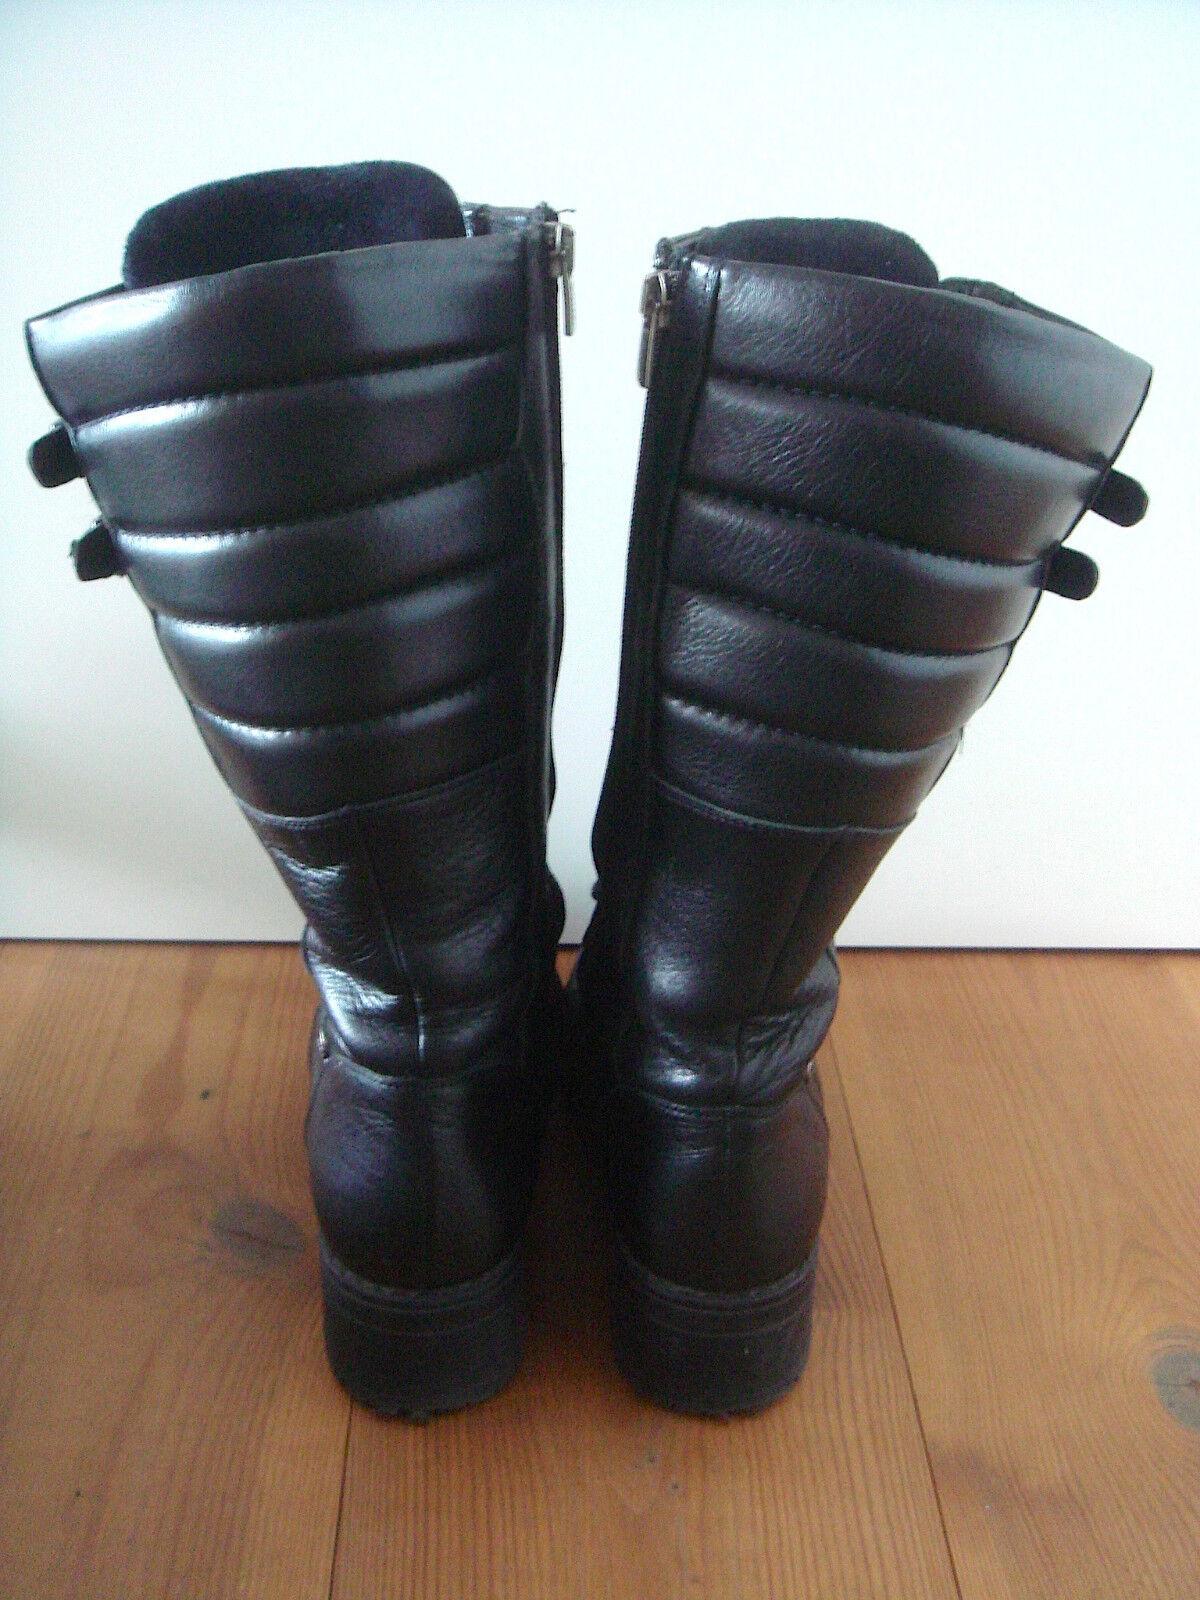 Nuevos zapatos para hombres venüs y mujeres, descuento por tiempo limitado Alta calidad venüs hombres botas wadenlang negro cuero genuino con tacón 731231